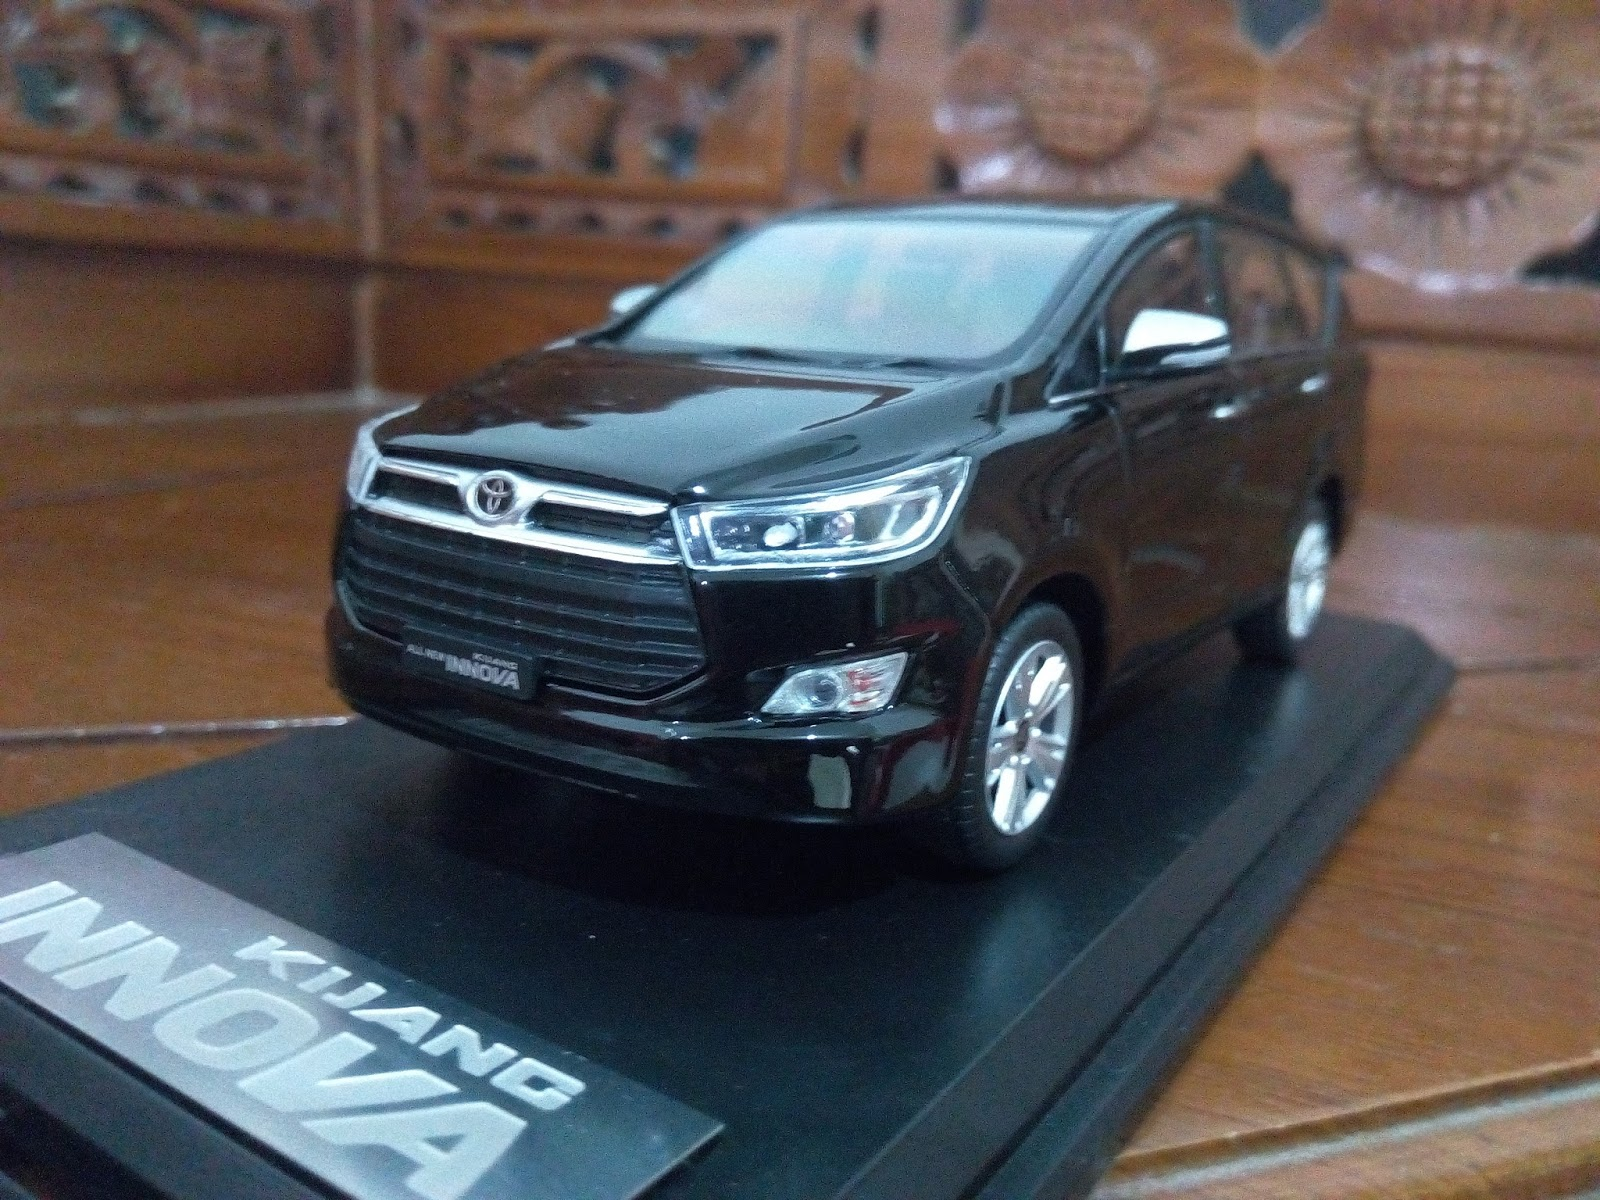 Diecast Grand New Avanza Pakai Pertalite Kijang Innova 2016 Miniatur Mobil Toyota